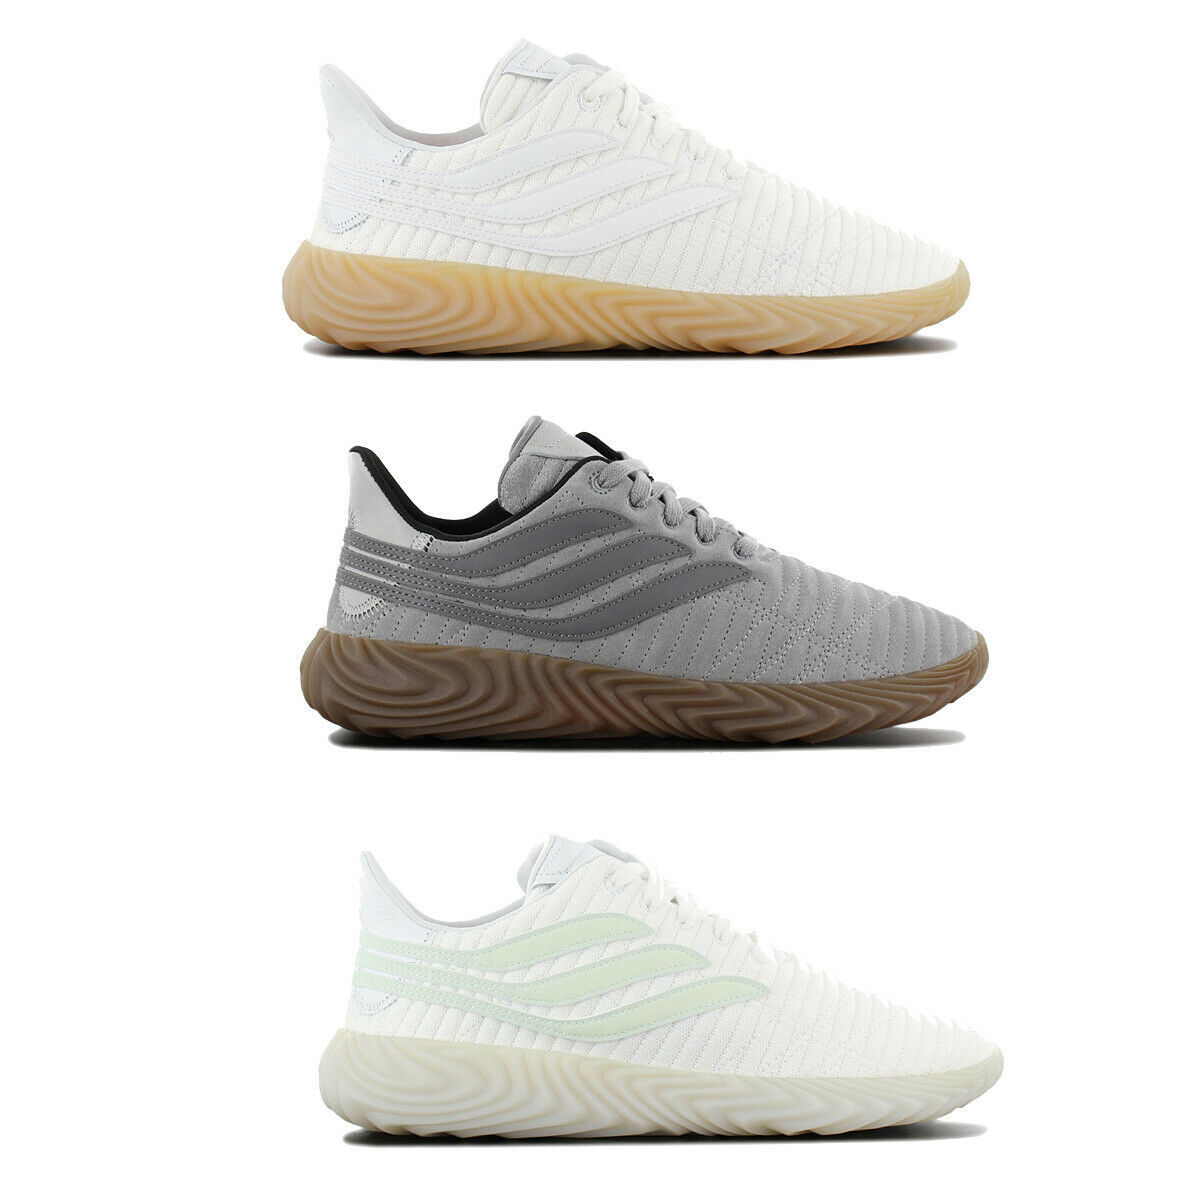 Adidas Originals Originals Originals Sobakov Turnschuhe Herren Schuhe Sportschuhe Freizeit Turnschuhe 897